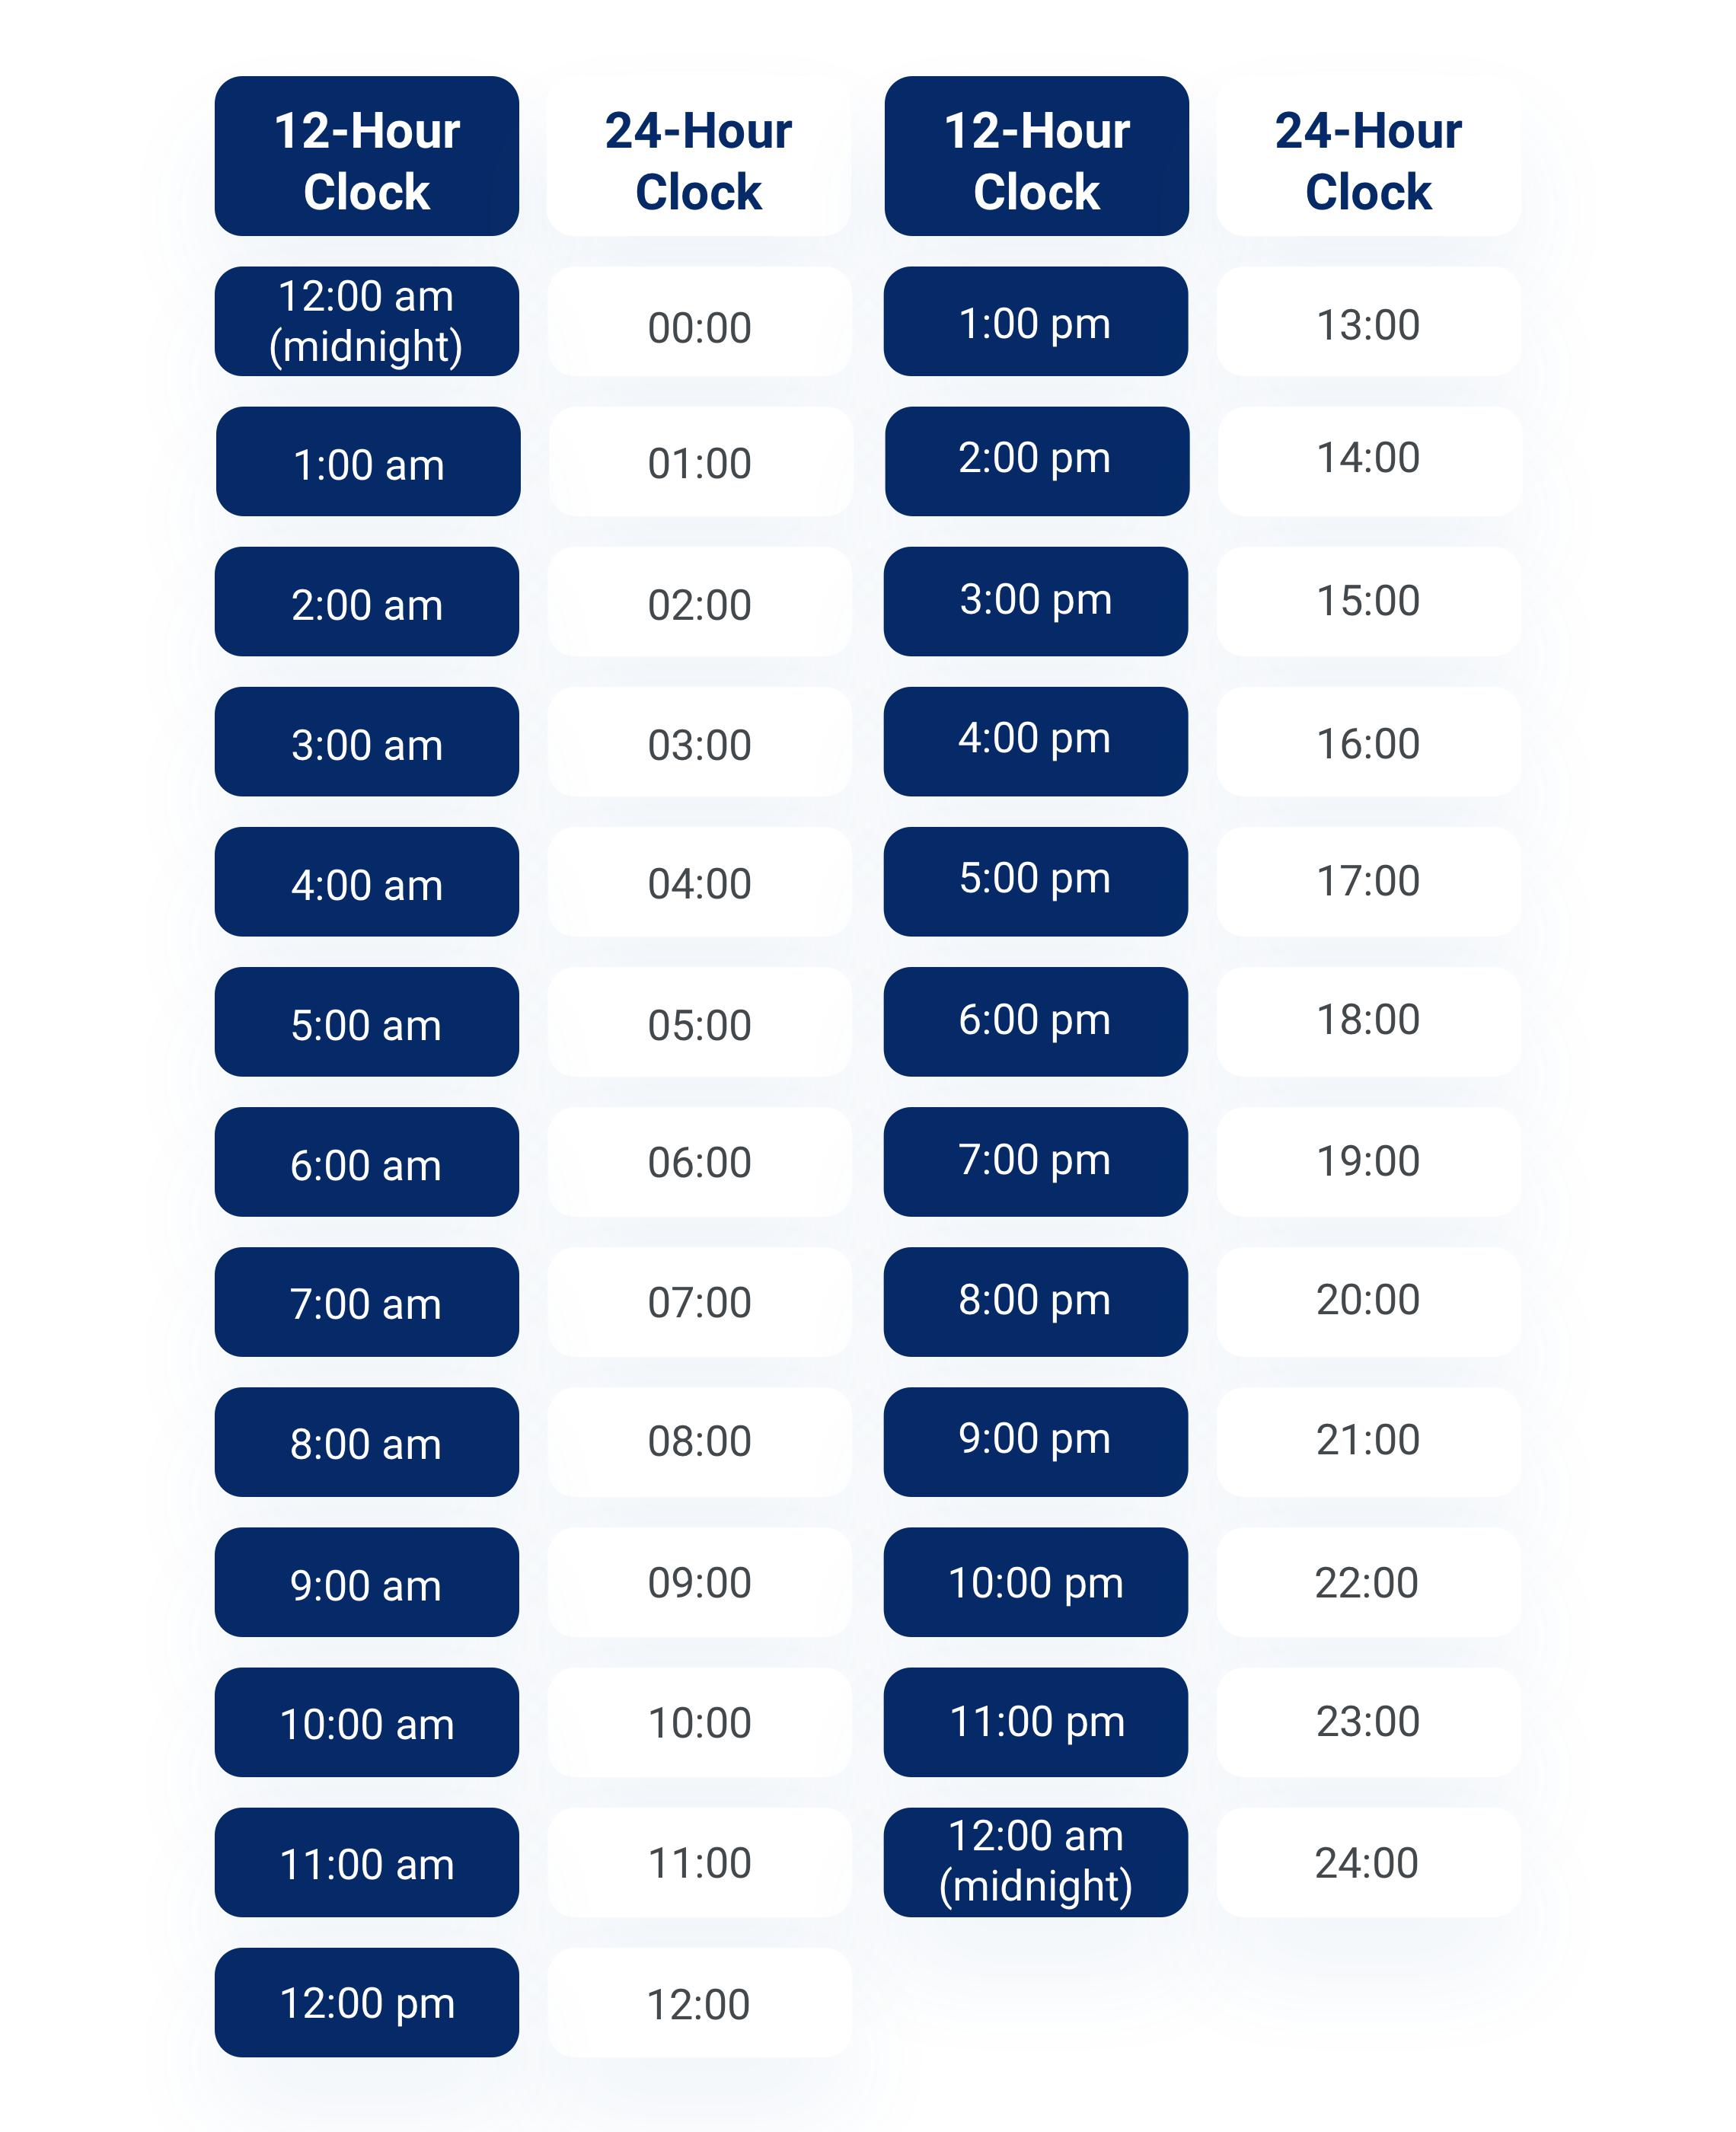 12-hour clock vs. the 24-hour clock.